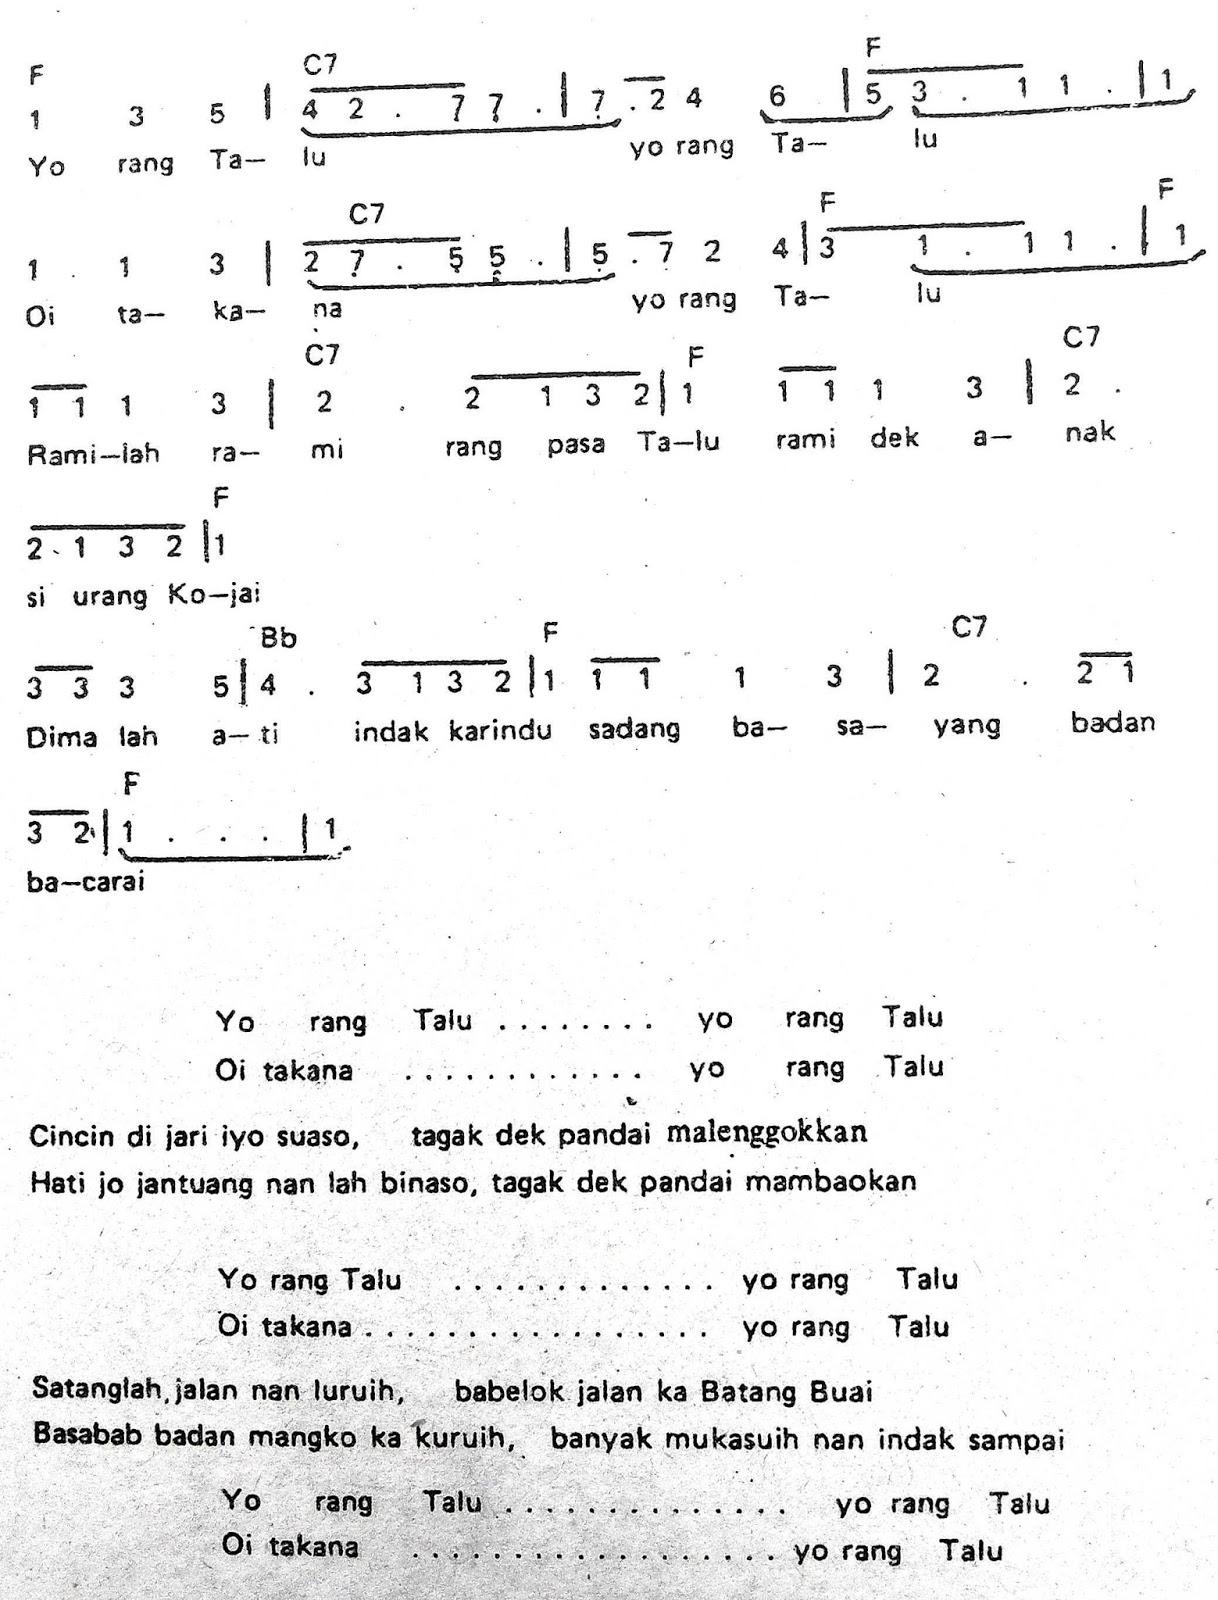 Chord & Arti Lirik Lagu Sumatera Barat: Rang Talu + Not Angka